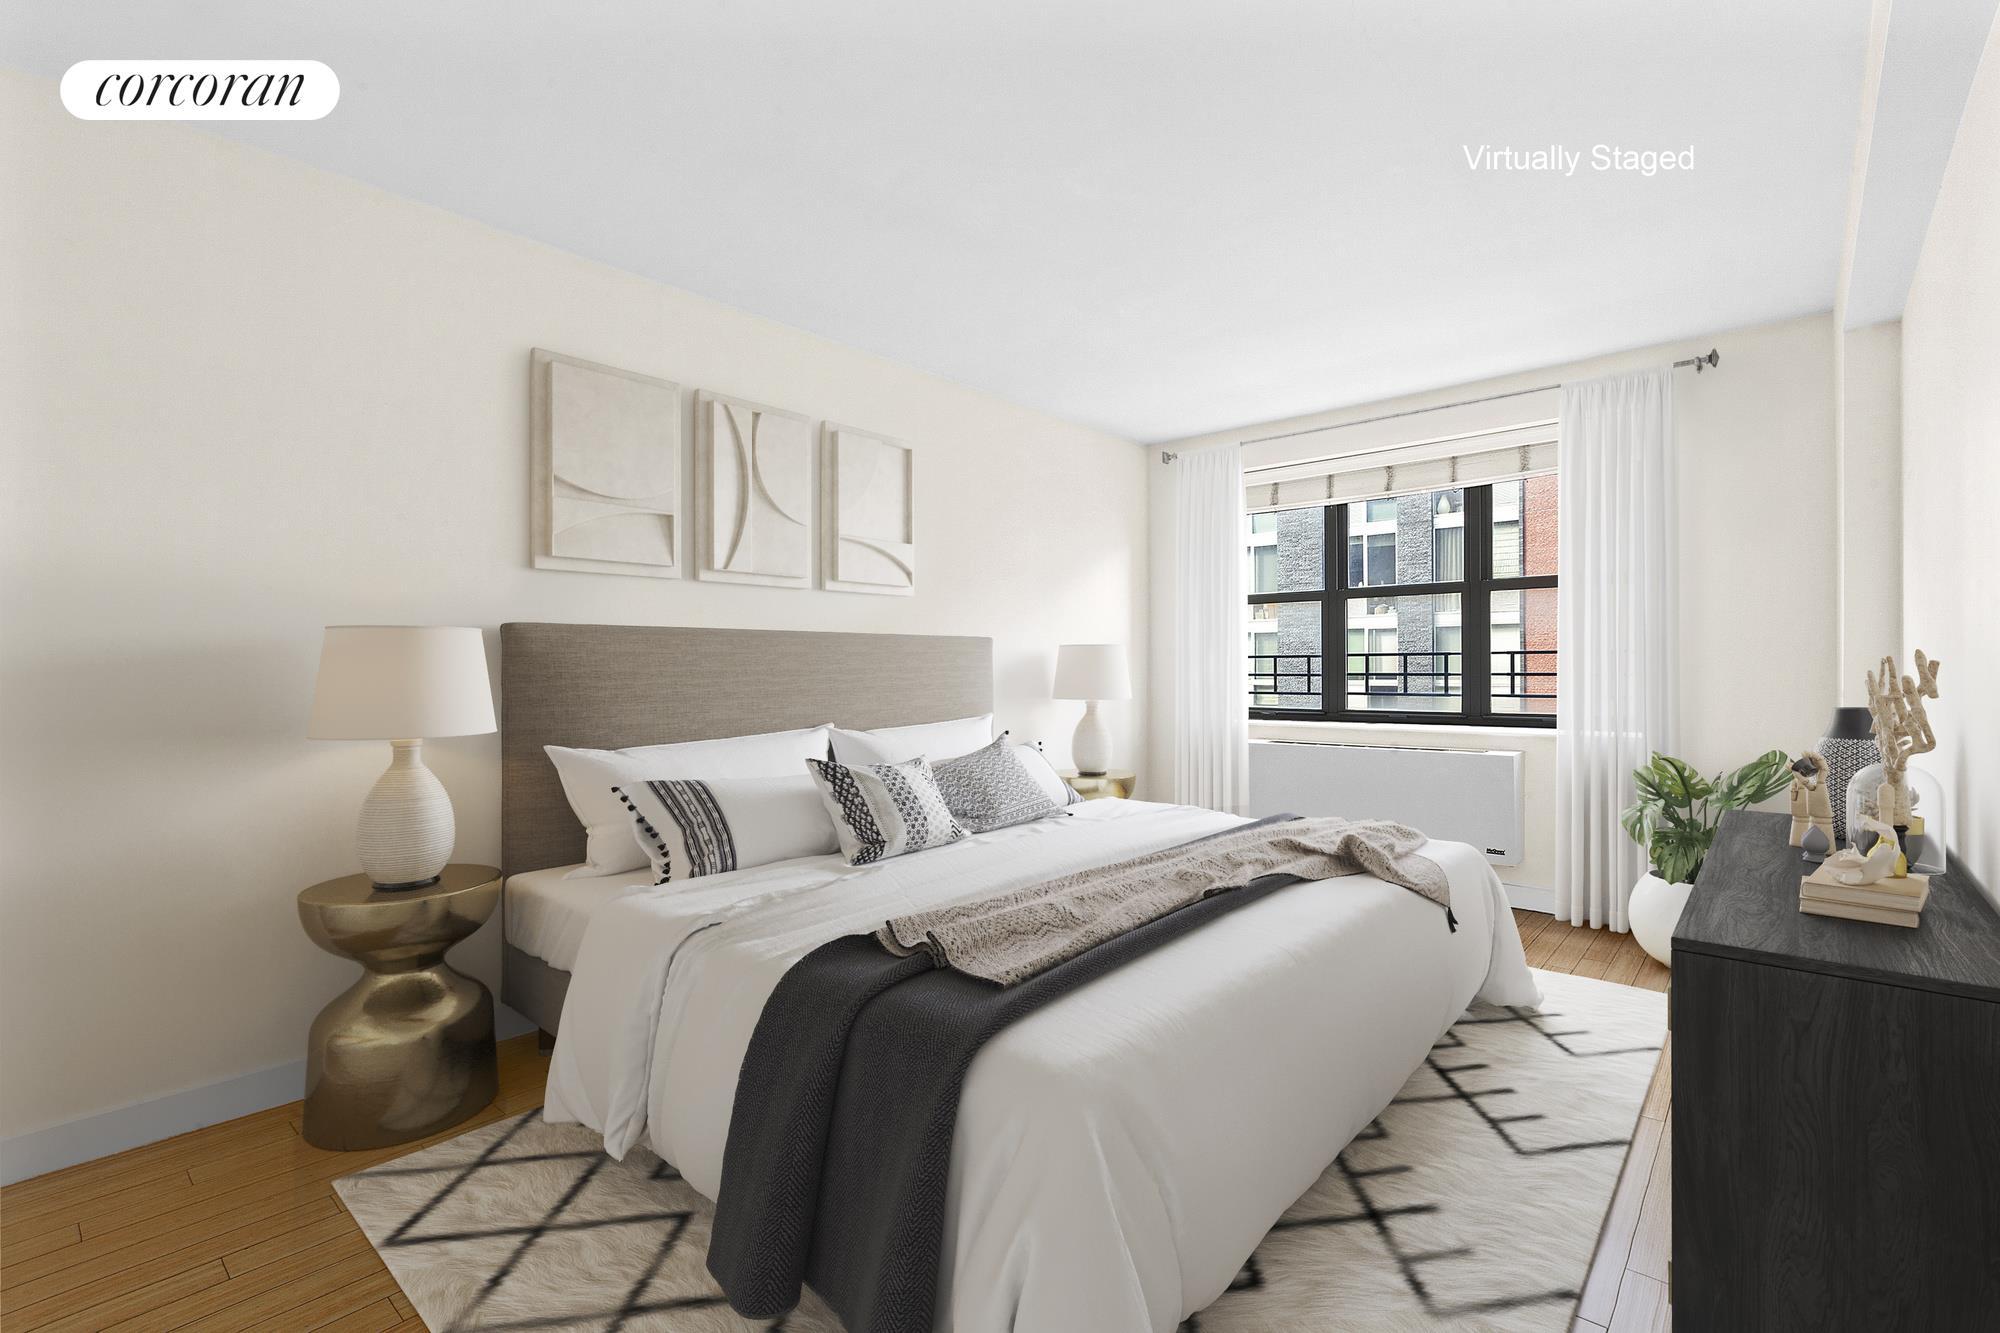 516 West 47th Street Clinton New York NY 10036